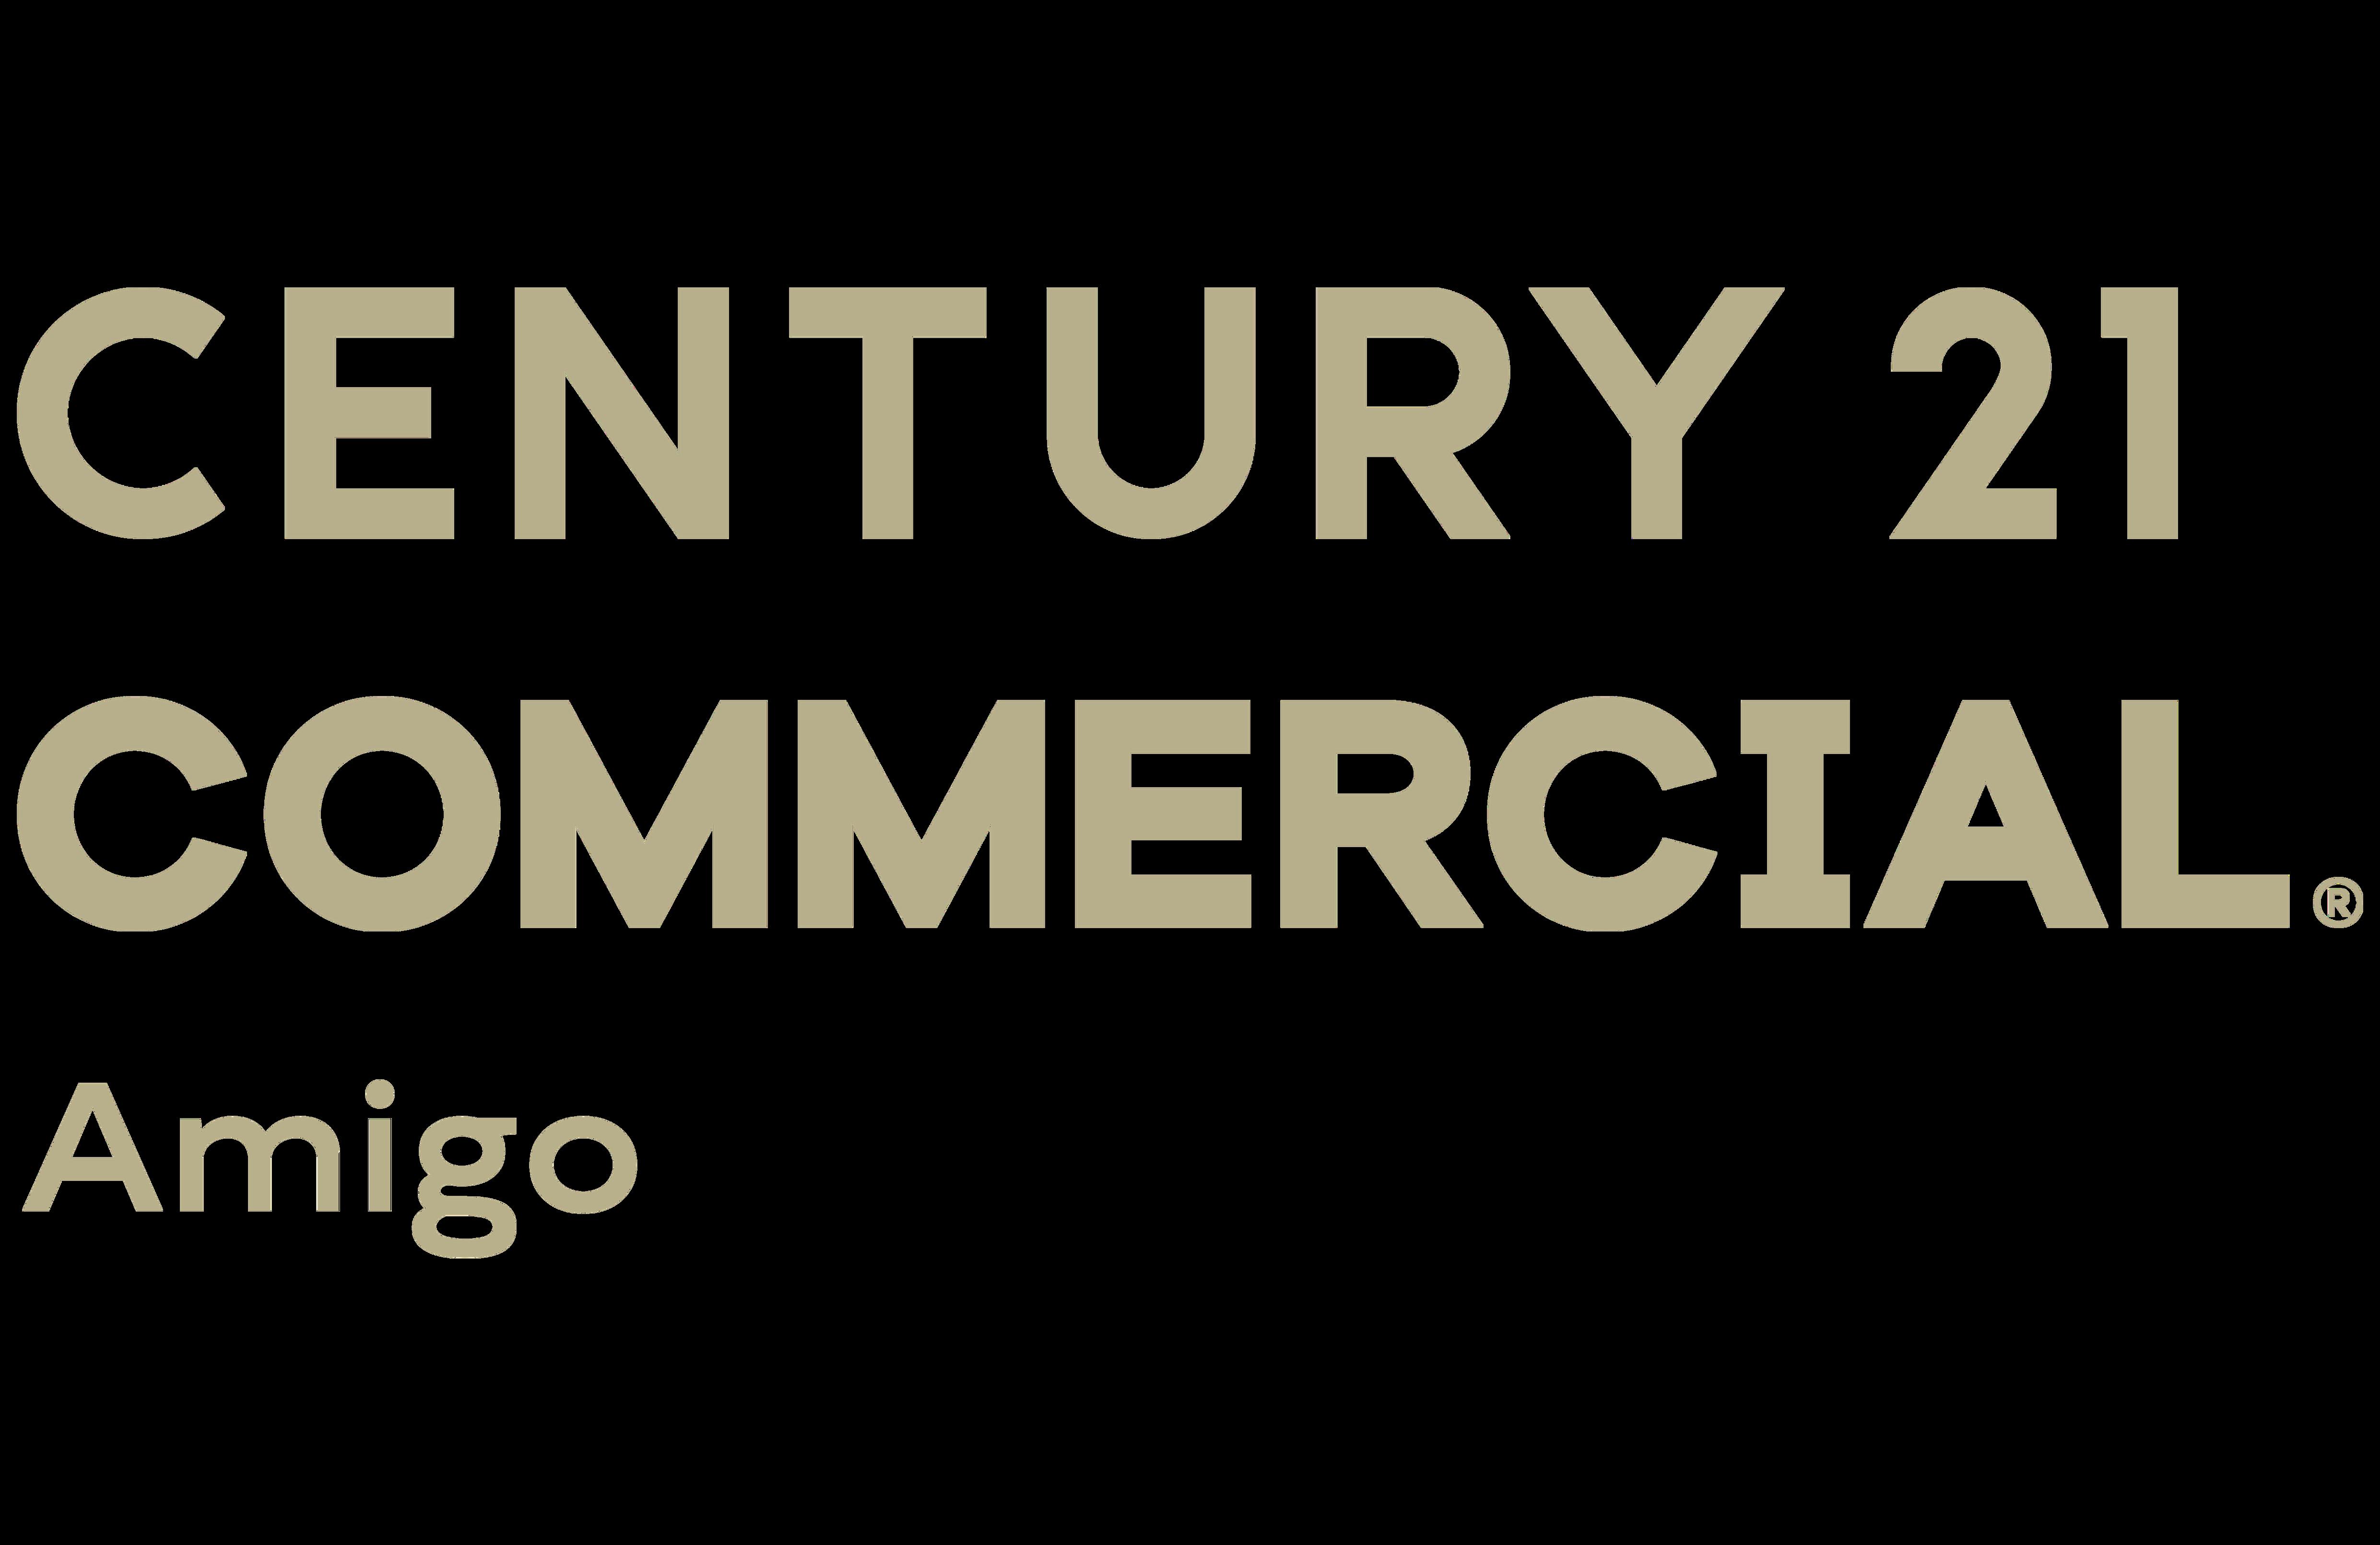 CENTURY 21 Amigo